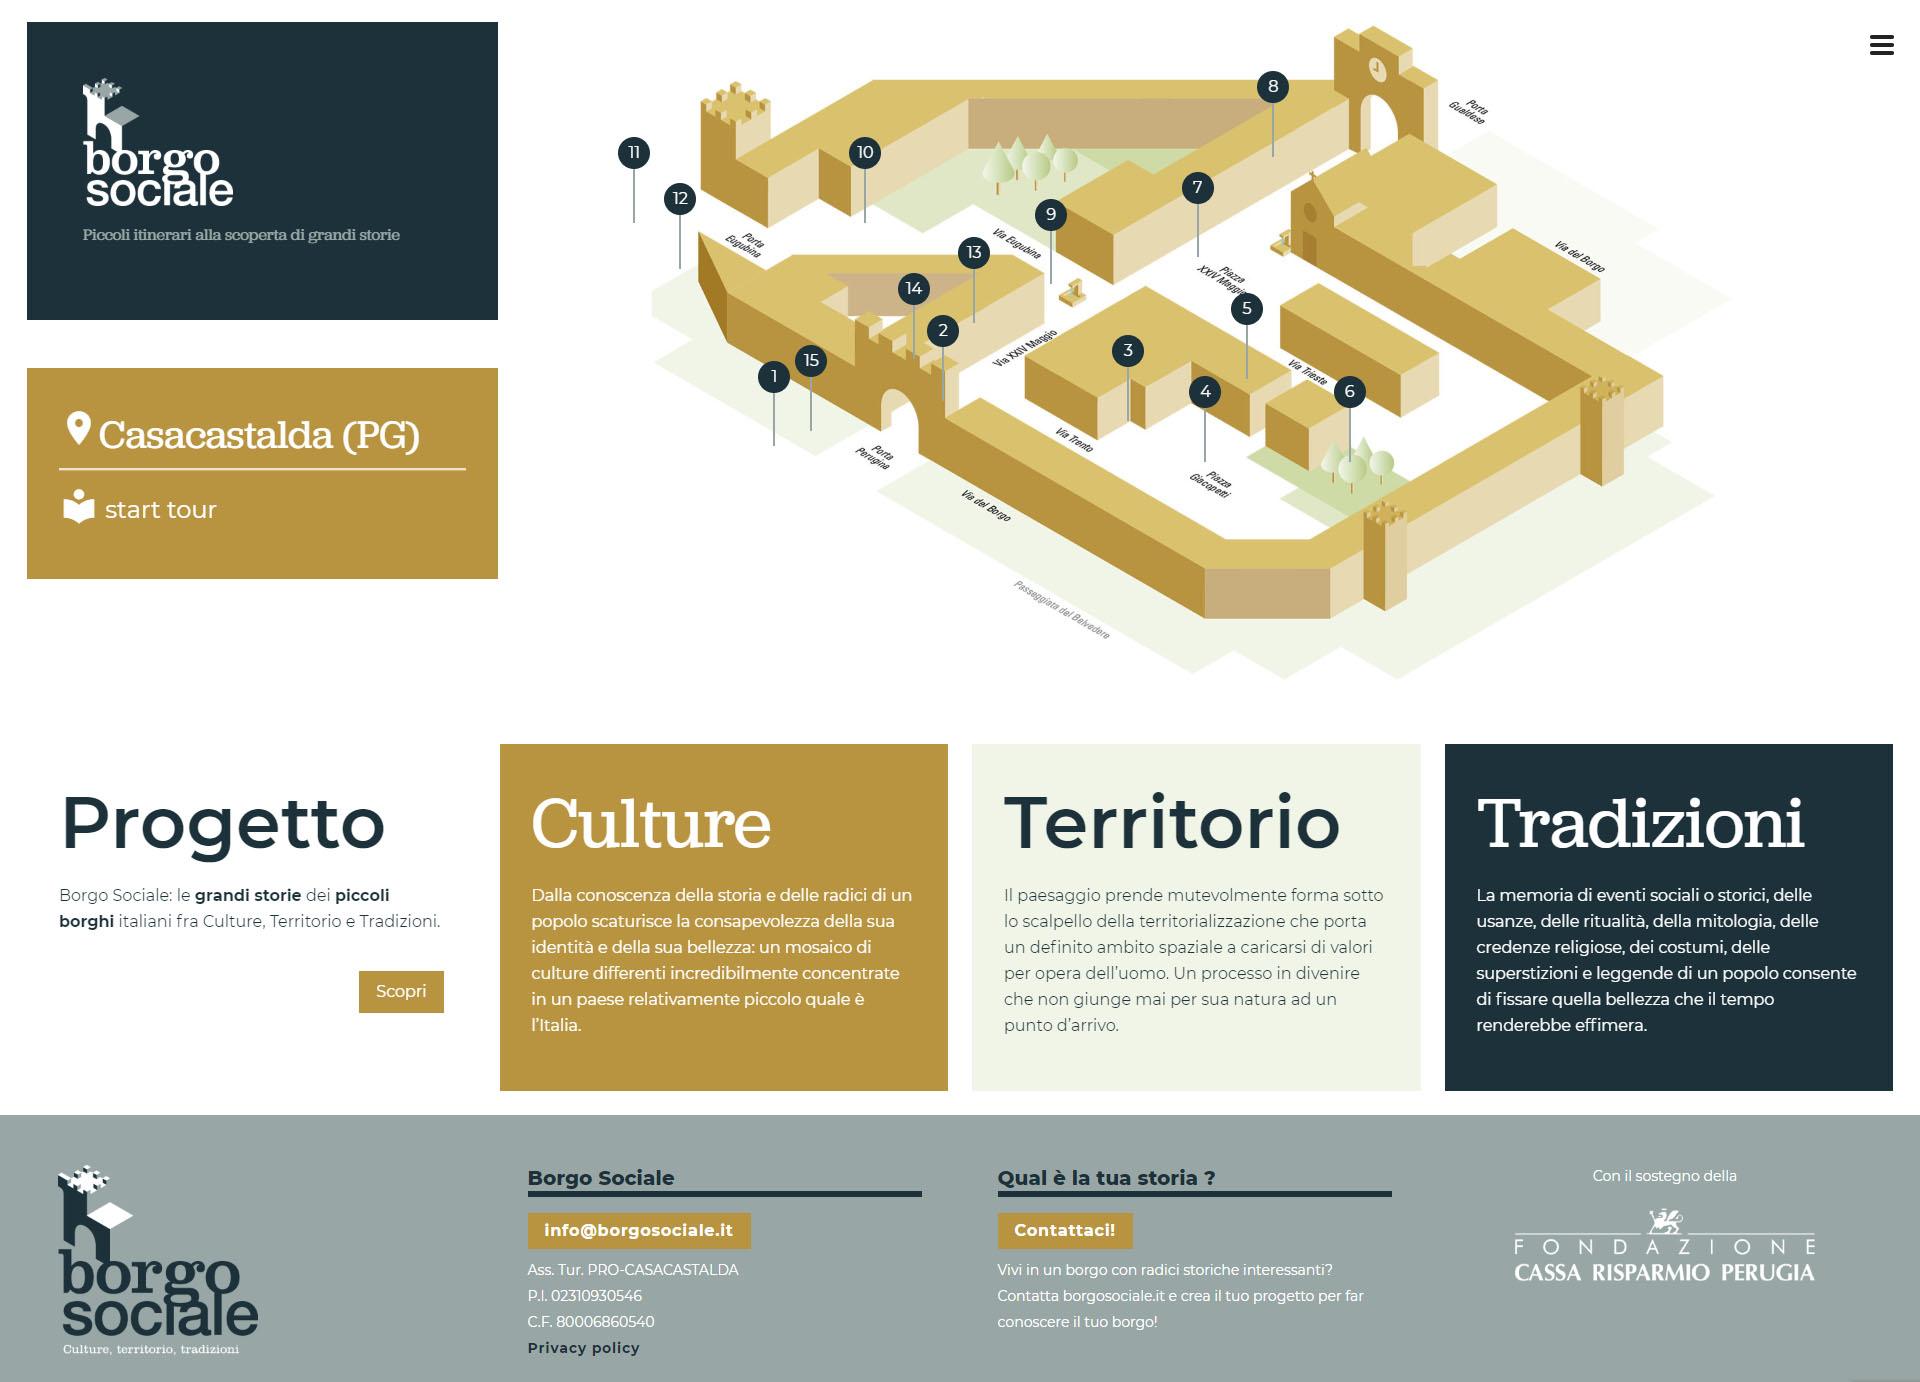 Borgo Sociale sito web ufficiale